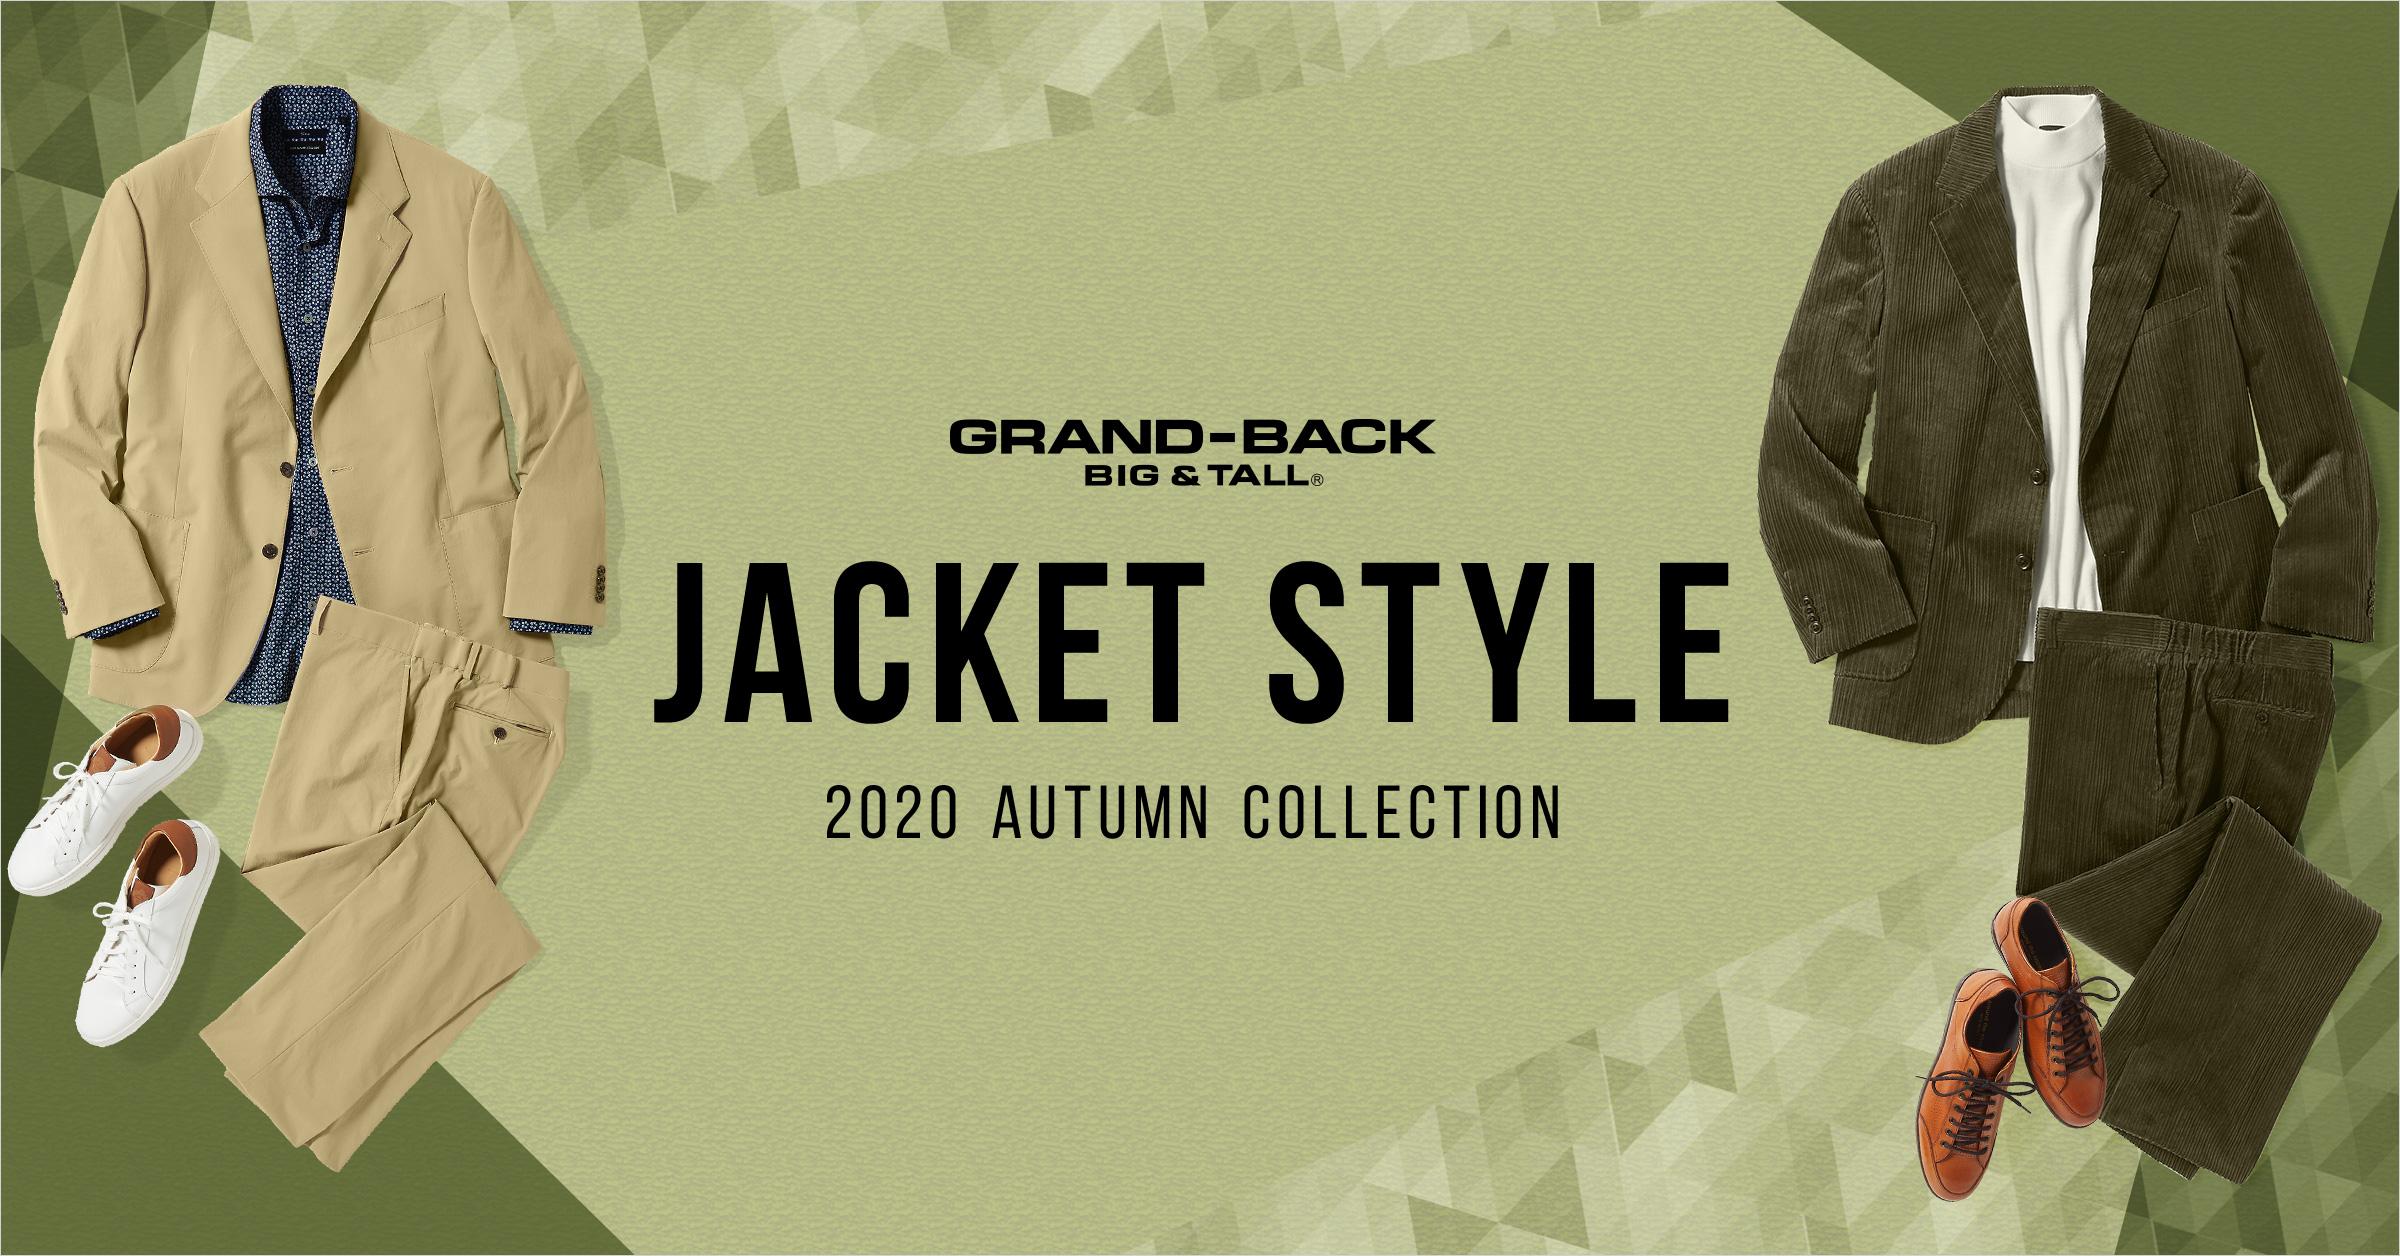 2020 Autumn Jacket style(2020 オータム ジャケットスタイル)